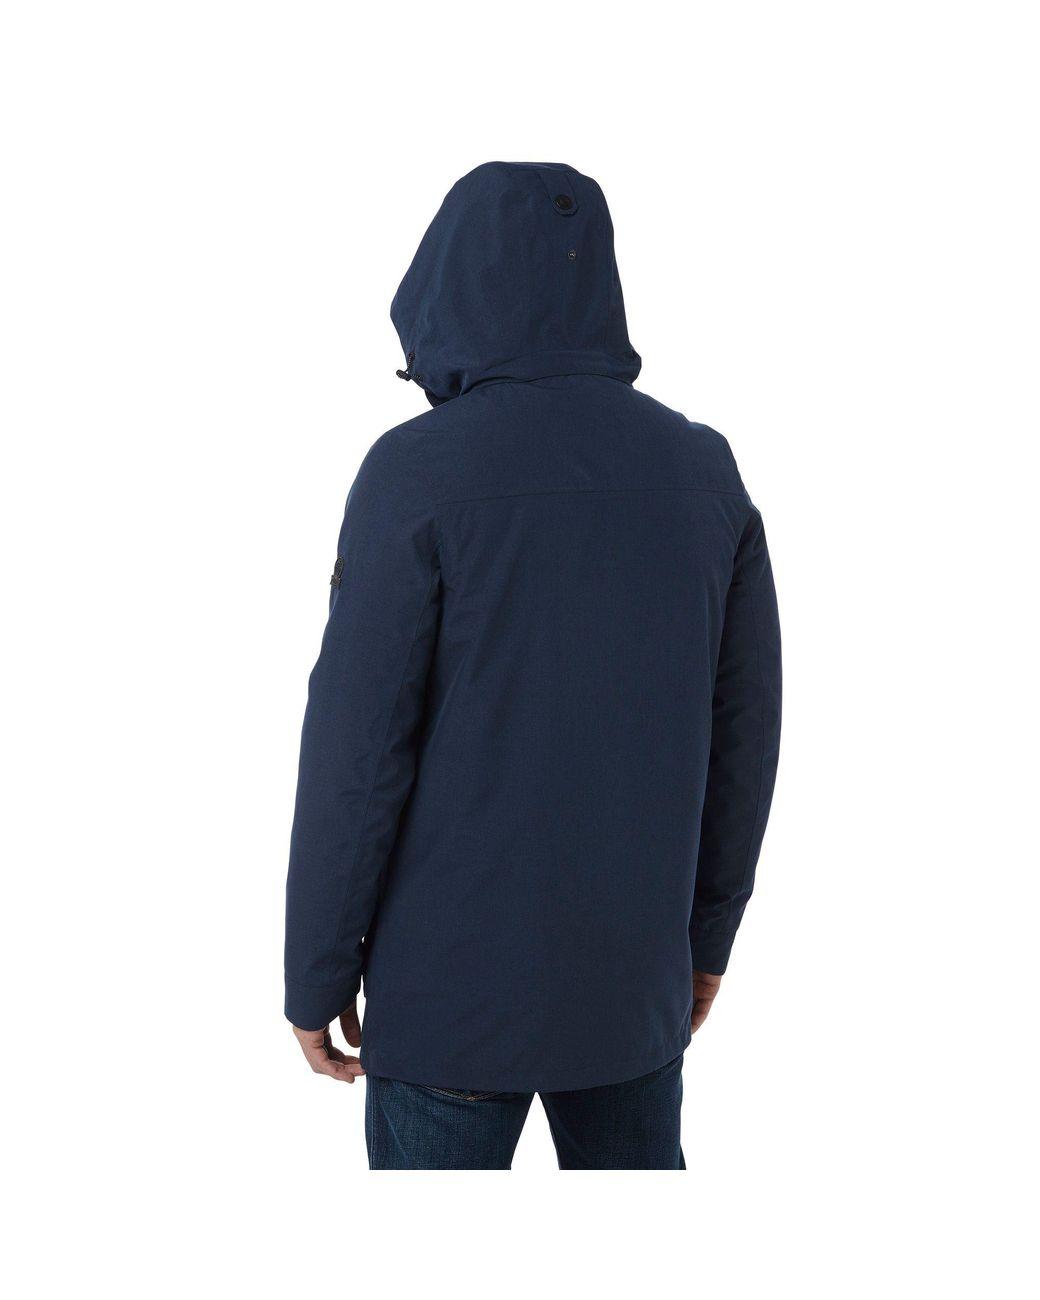 03077c7c0d1 Men's Blue Navy Marl Arkle Milatex 3in1 Jacket